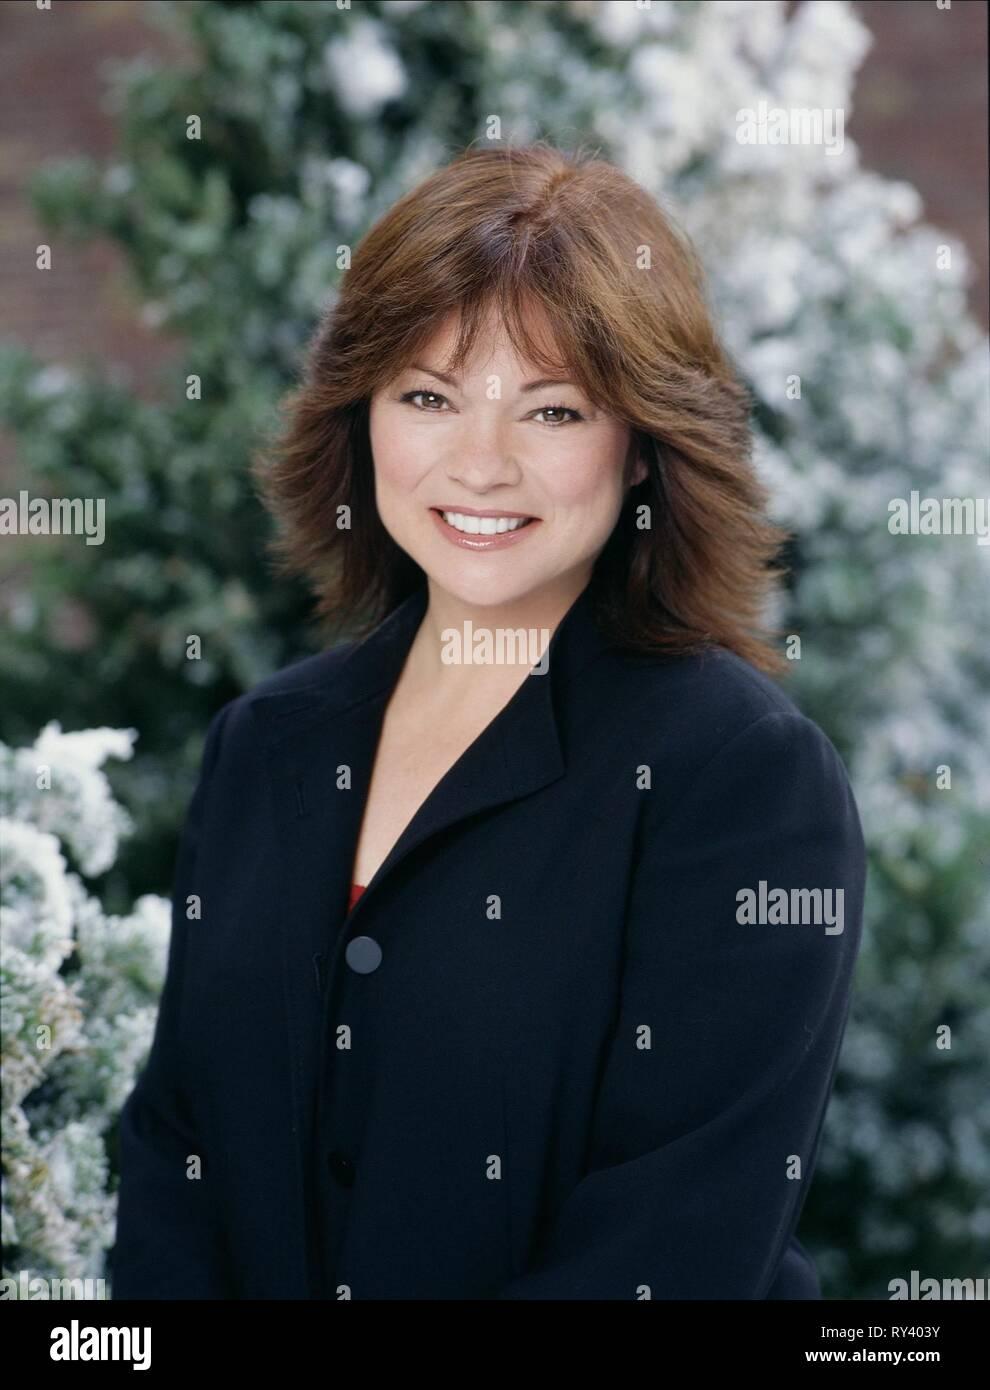 Finding John Christmas.Valerie Bertinelli Finding John Christmas 2003 Stock Photo